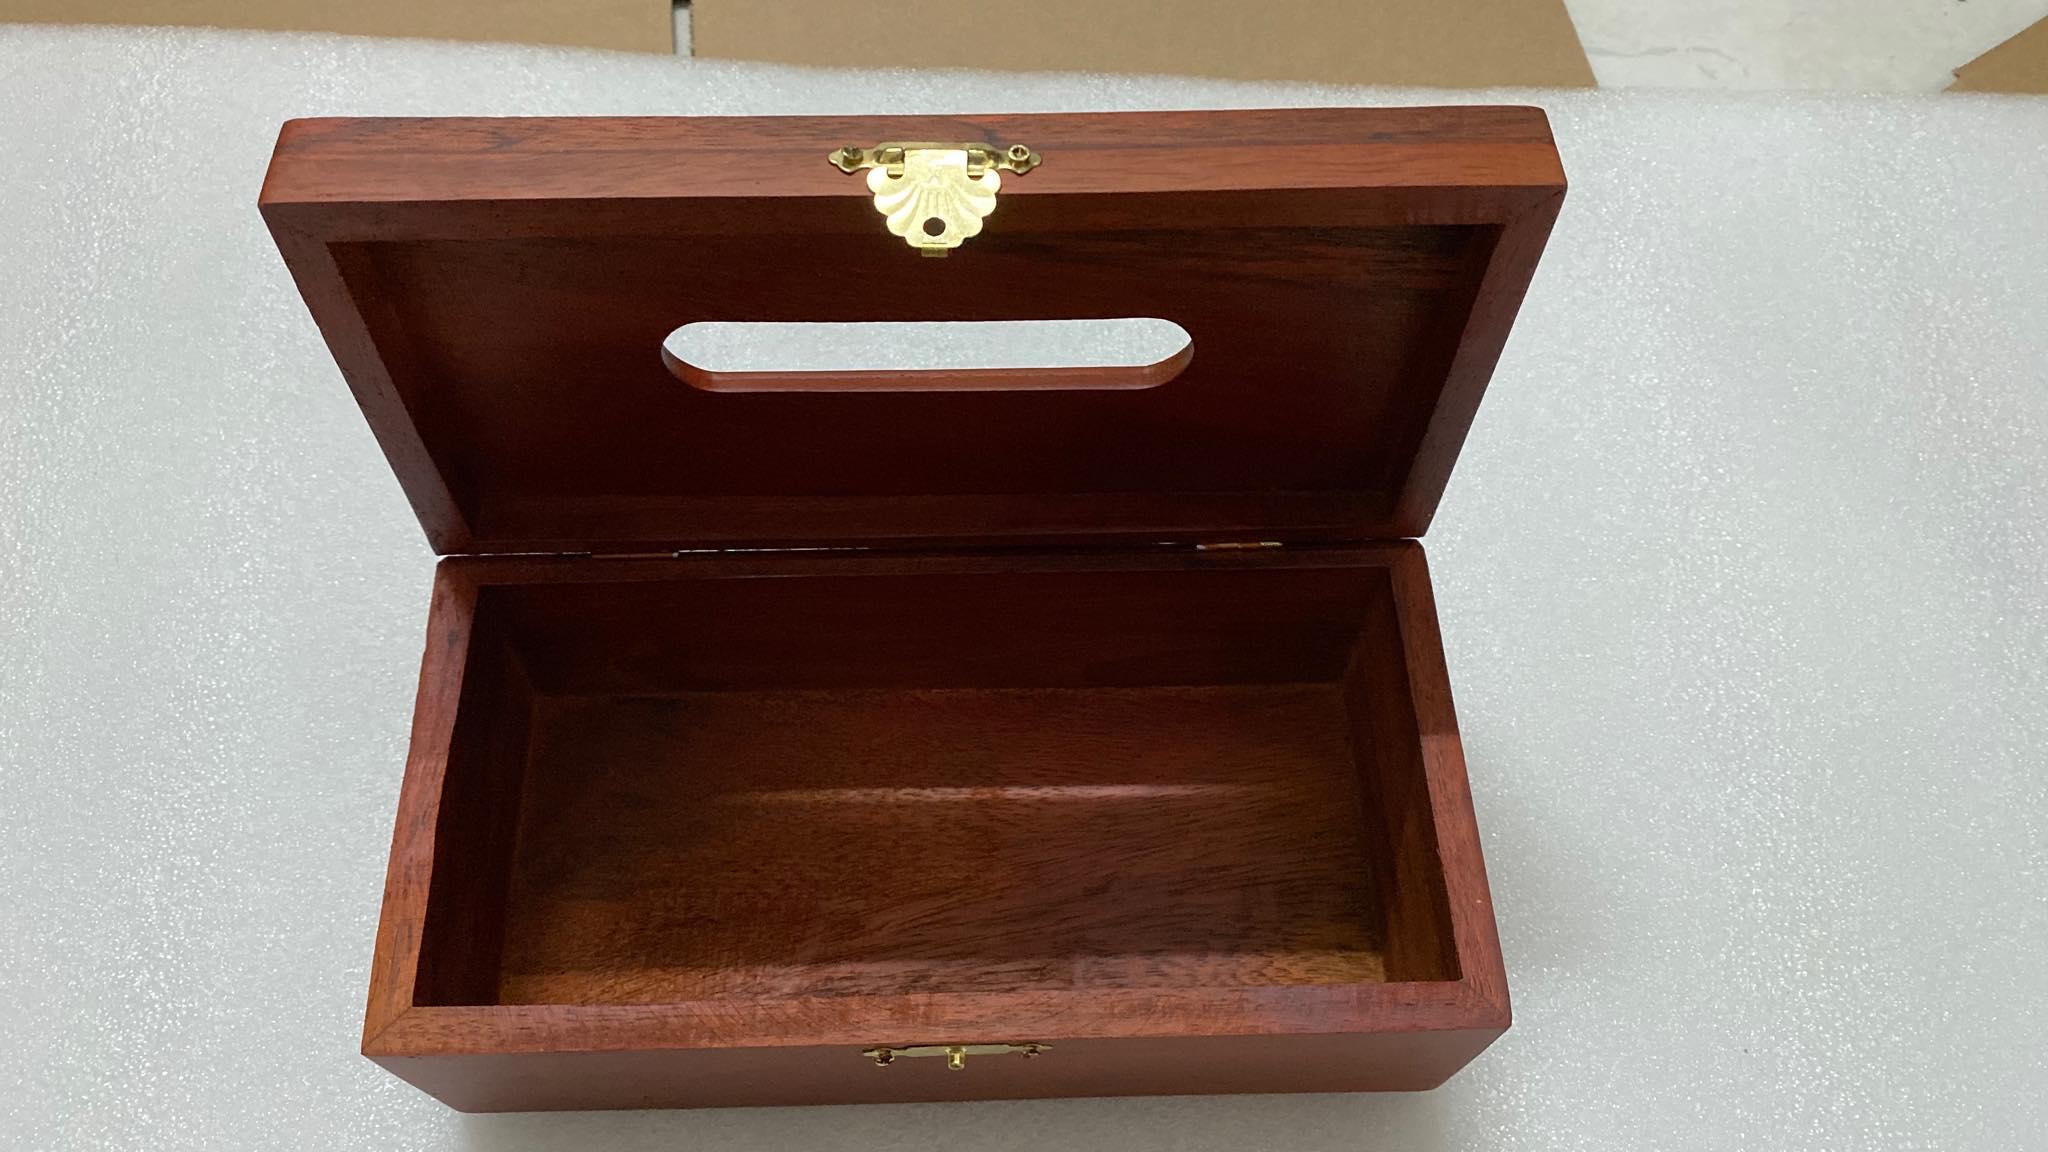 Hộp khăn giấy ăn bằng gỗ CẨM LAI trên mặt hộp đục hoa hồng có viền